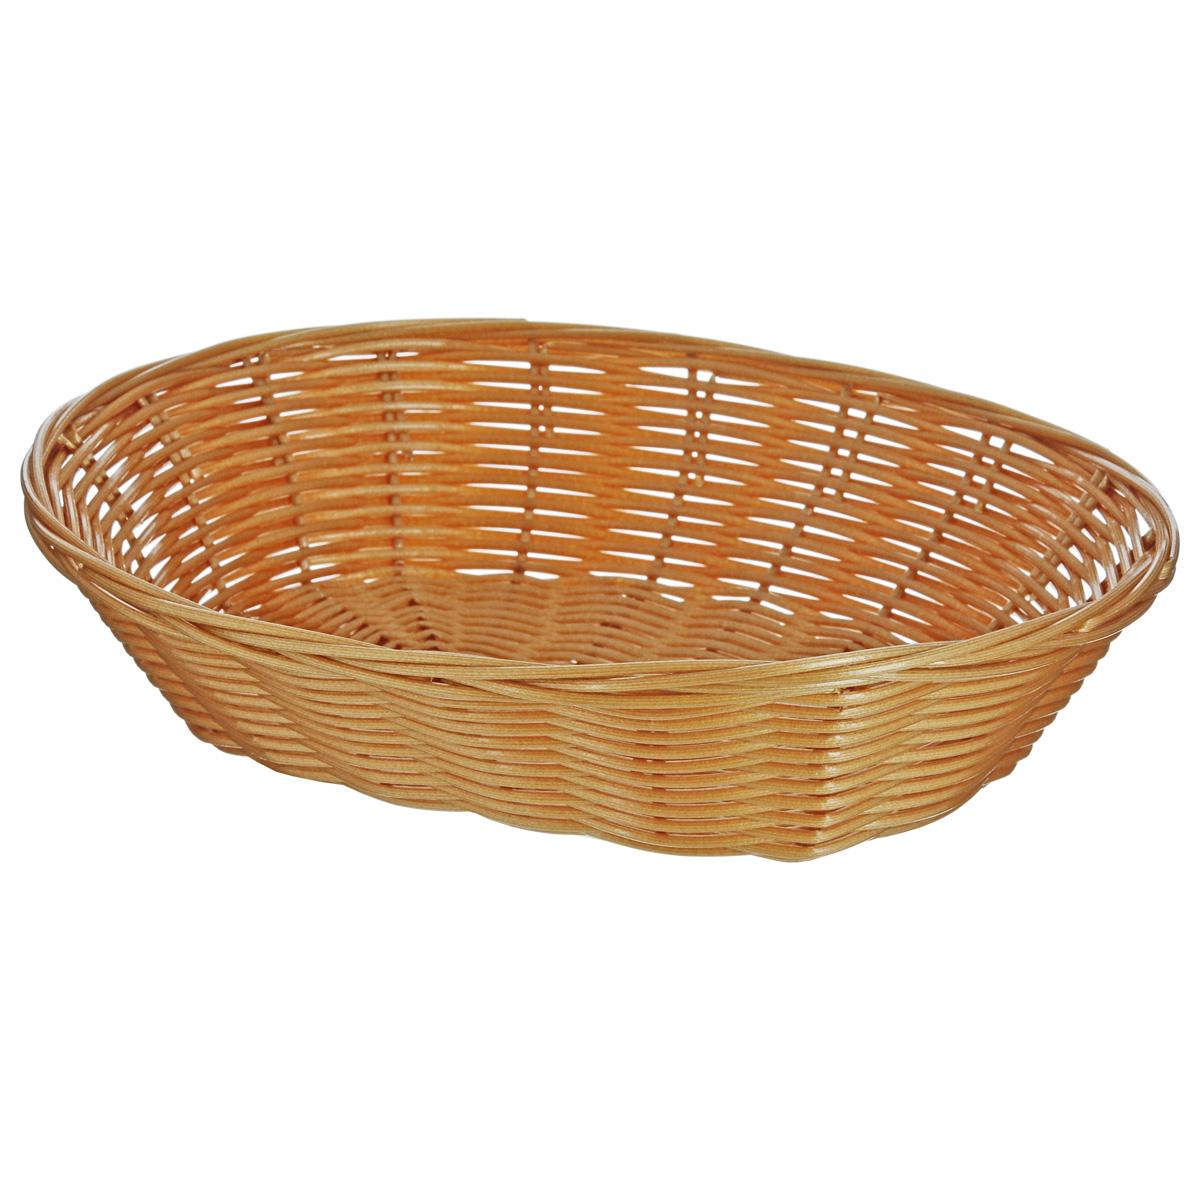 Корзинка для хлеба Kesper, 20,5 см х 17,5 см х 5 см. 1783-21783-2Оригинальная плетеная корзинка Kesper овальной формы, выполнена из пластика, напоминающего фактуру дерева. Корзинка прекрасно подойдет для вашей кухни. Она предназначена для красивой сервировки хлебобулочных изделий. Изящный дизайн придется по вкусу и ценителям классики, и тем, кто предпочитает утонченность и изысканность. Можно мыть в посудомоечной машине. Размер корзинки: 20,5 см х 17,5 см х 5 см.